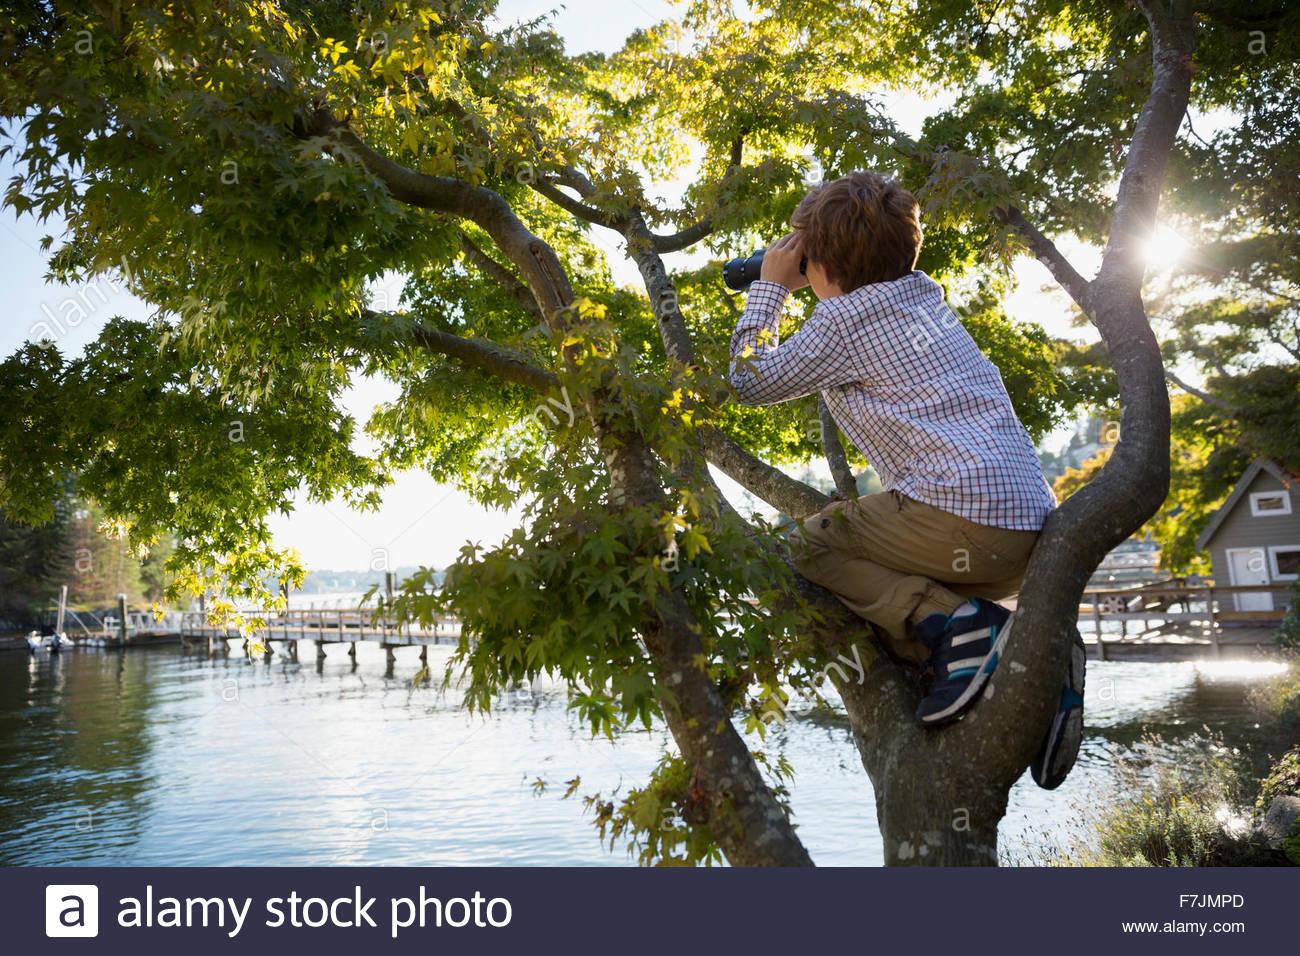 Boy climbing tree above lake using binoculars - Stock Image